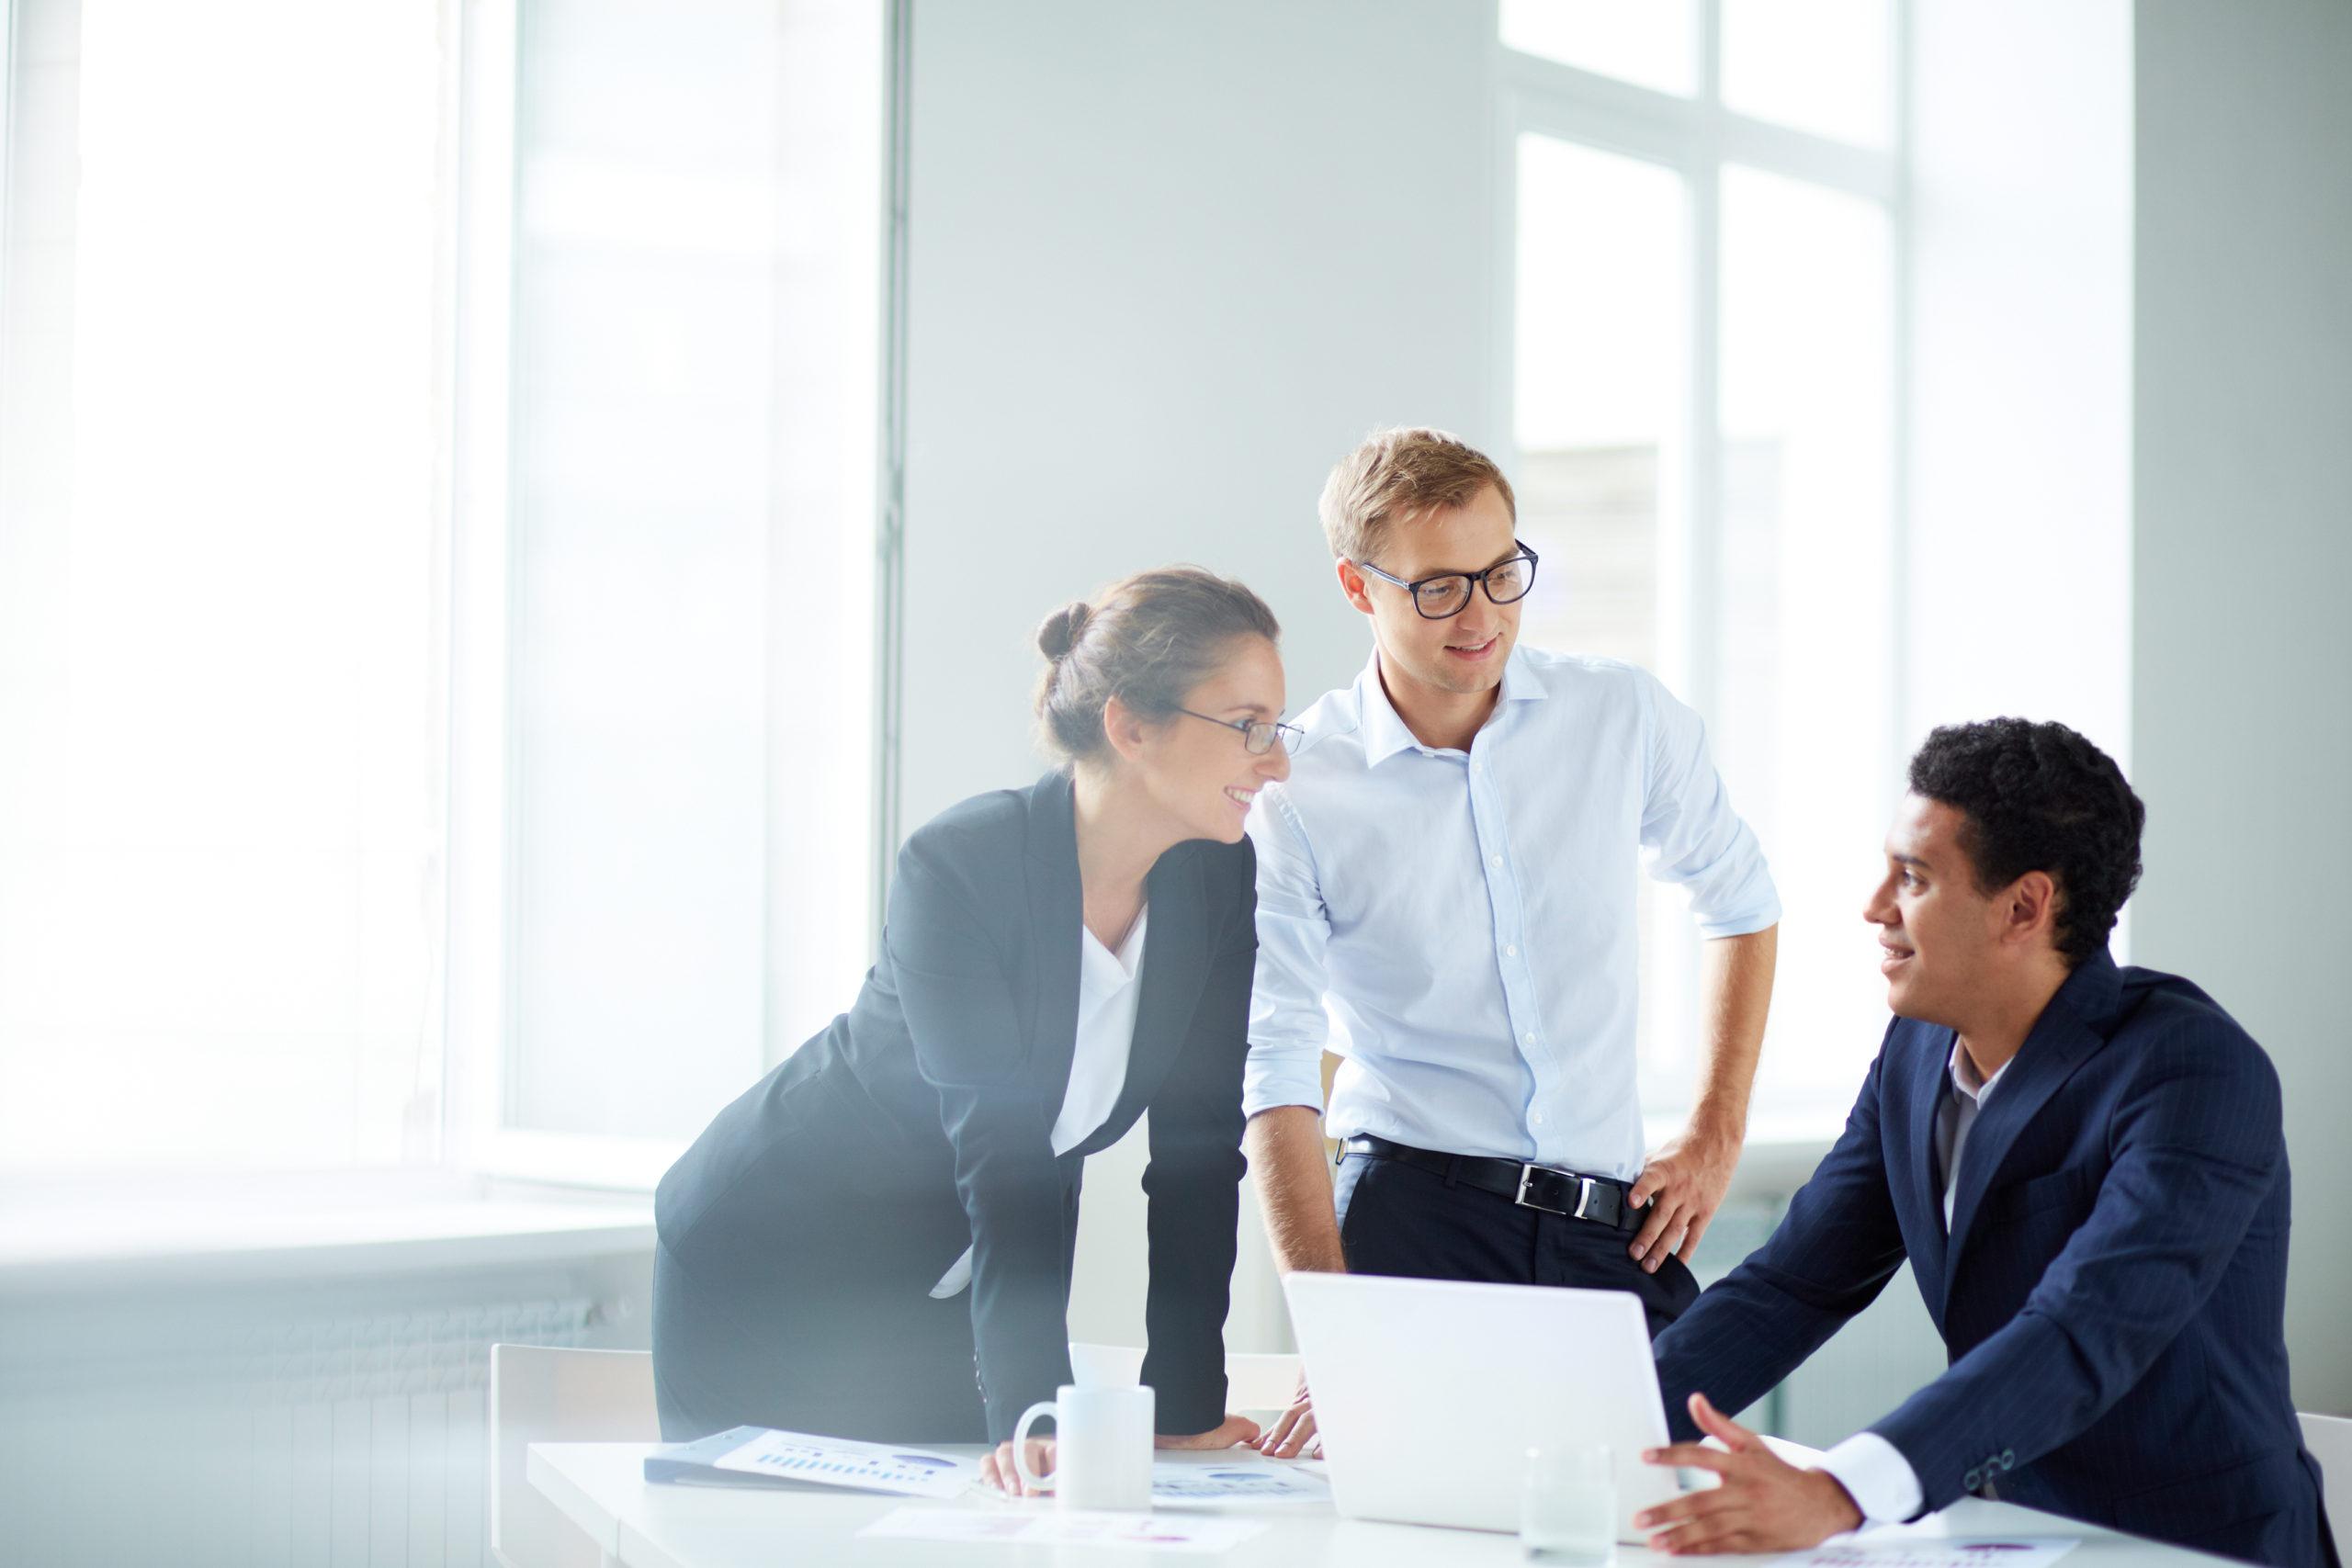 Porträt von Geschäftspartnern, die bei einem Treffen ihre Arbeit planen